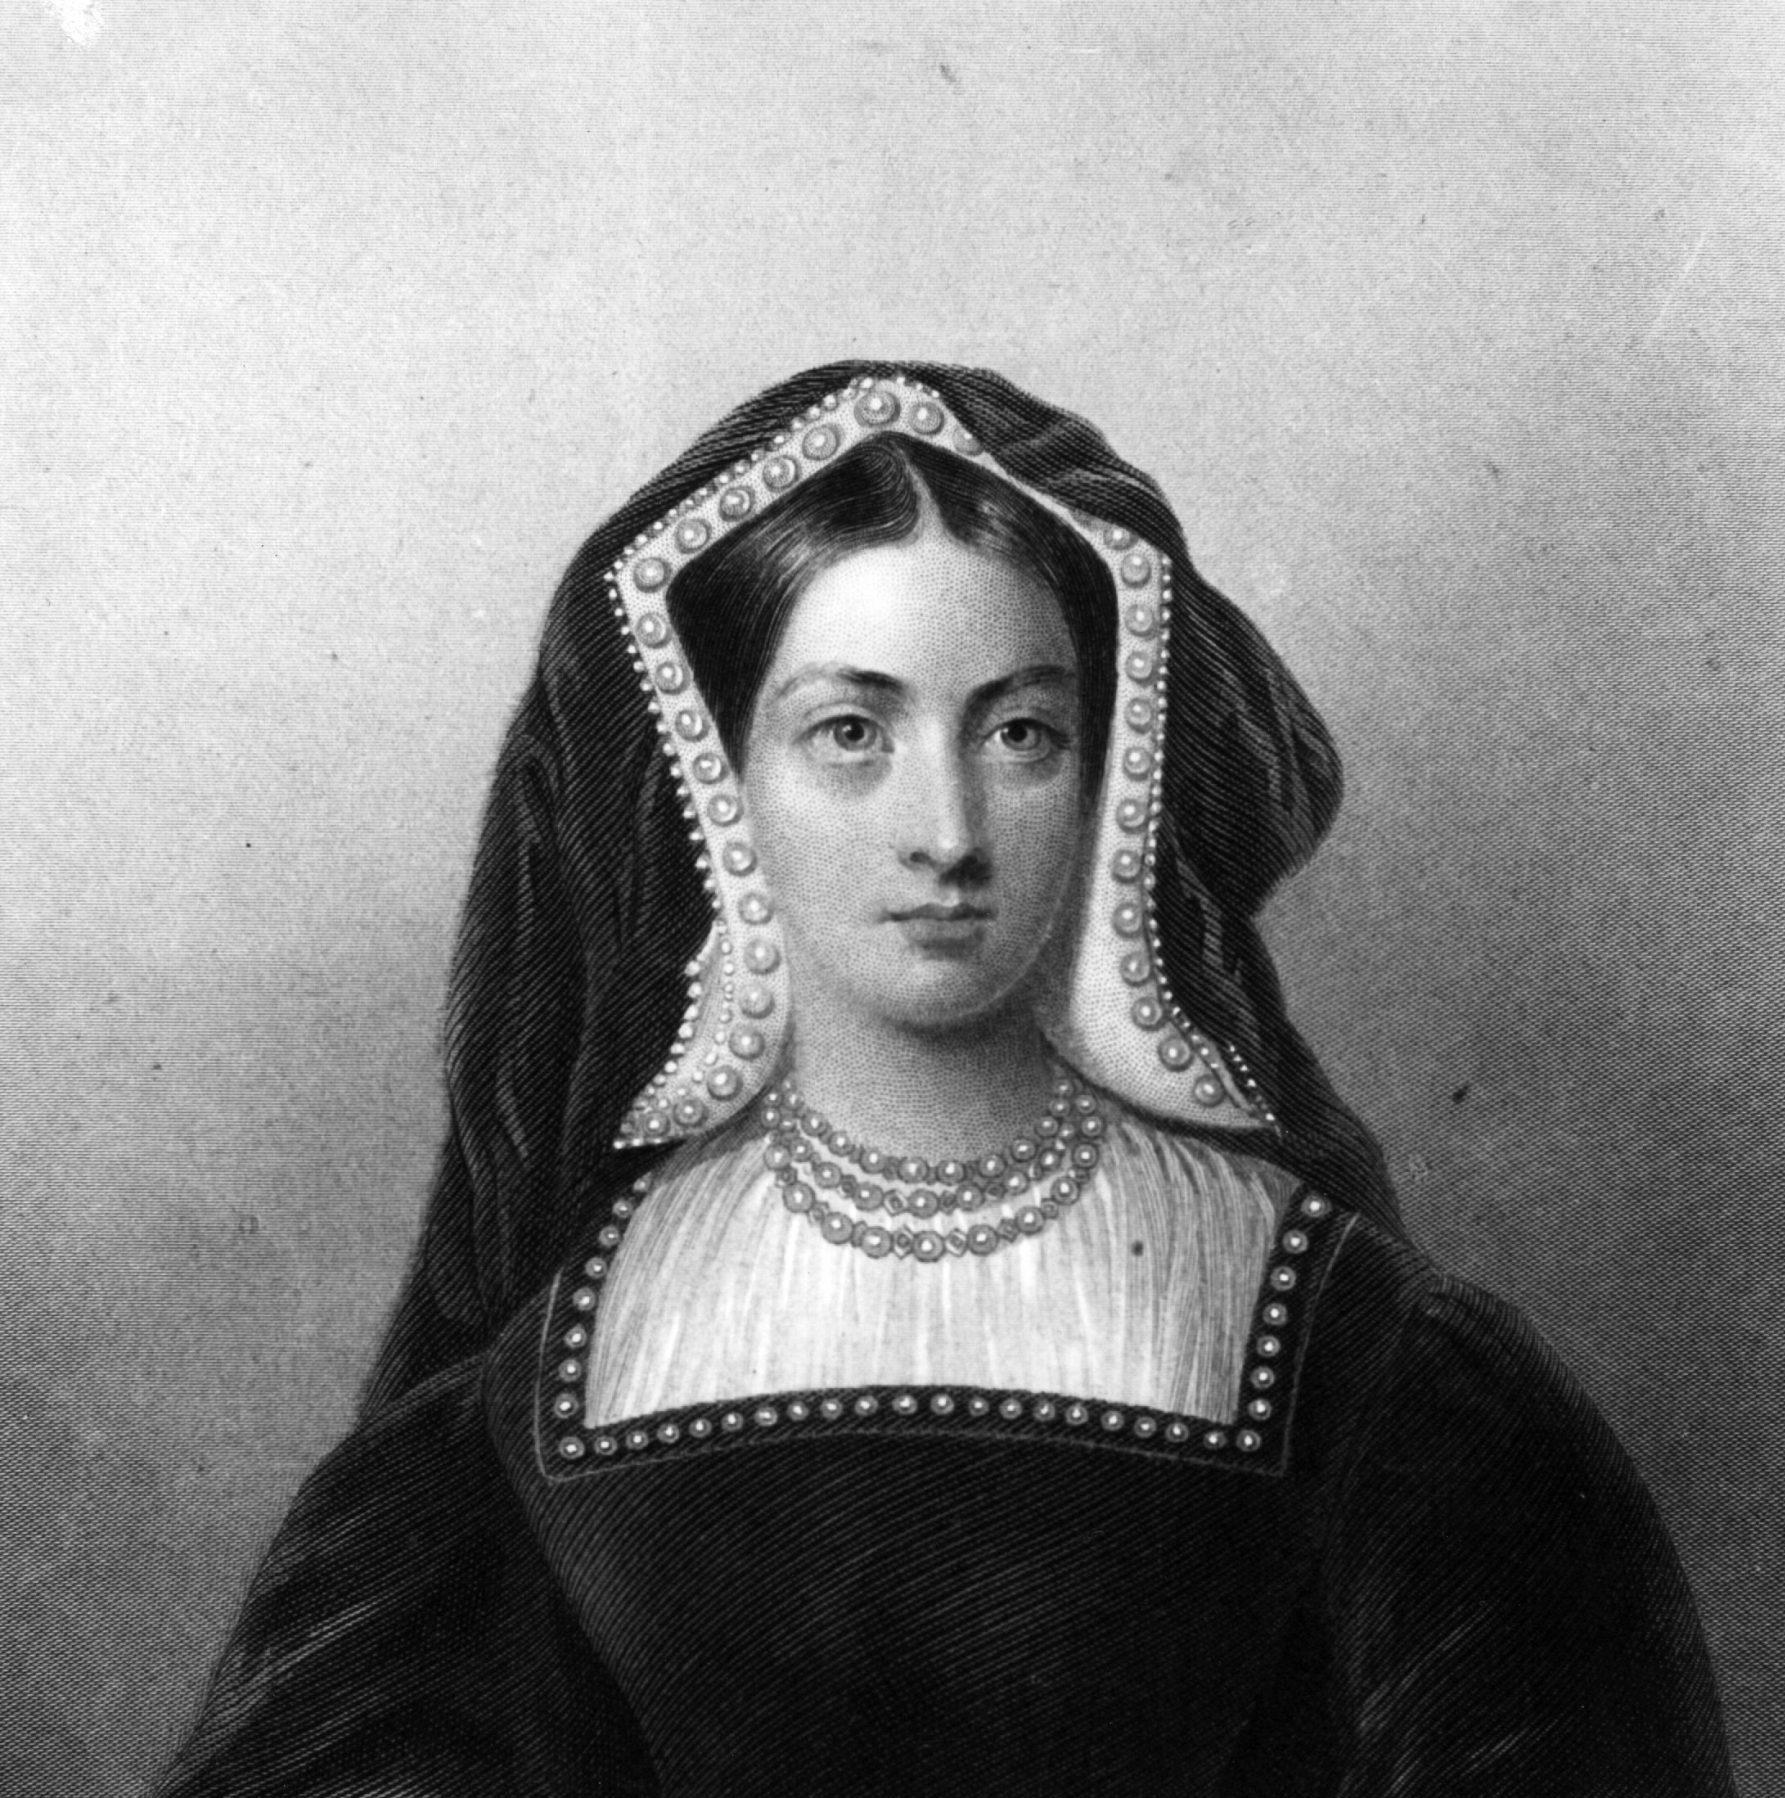 Aragóniai Katalin számító perszóna vagy hűséges feleség?